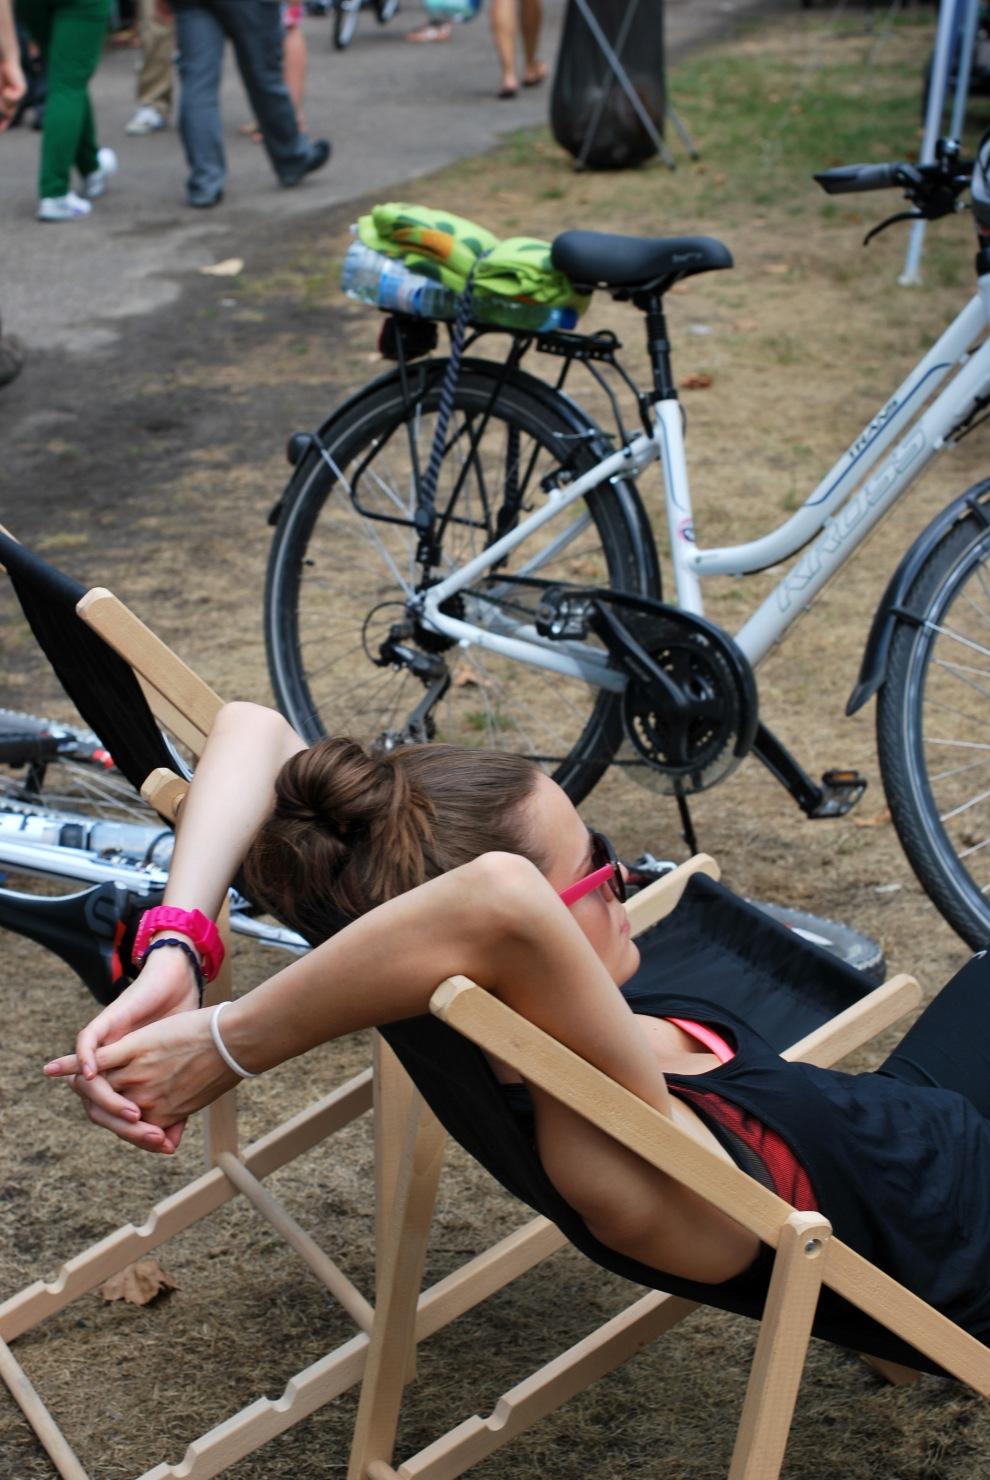 die Warschauer wissen wie man relaxt - nicht nur auf dem Frühstücksmarkt sind Liegestühle sehr beliebt